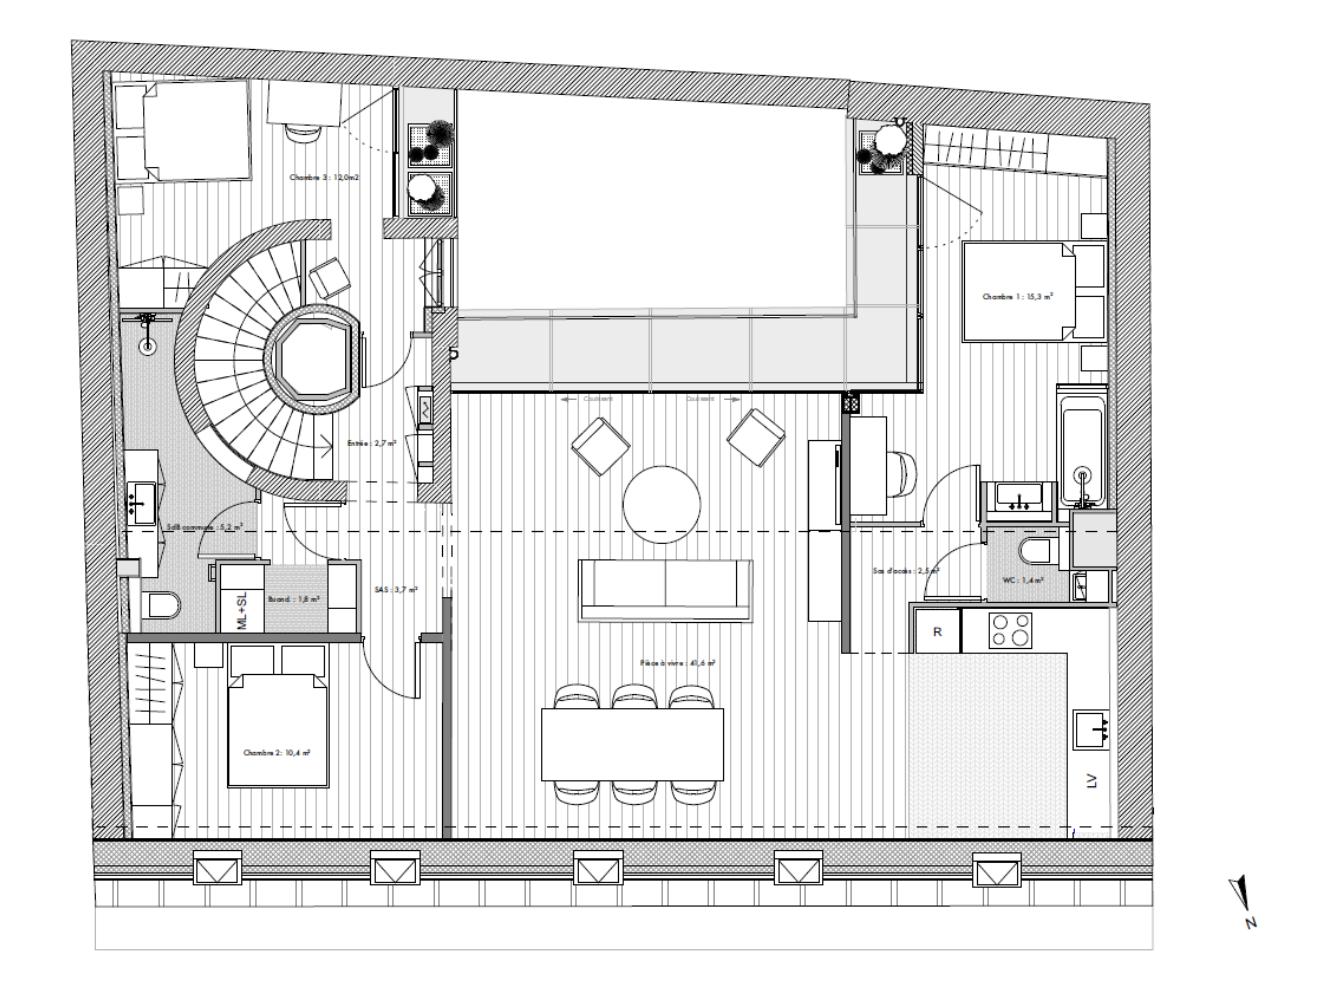 location vide - rue des je u00fbneurs - paris 2 - 109m2 - 3 chambres